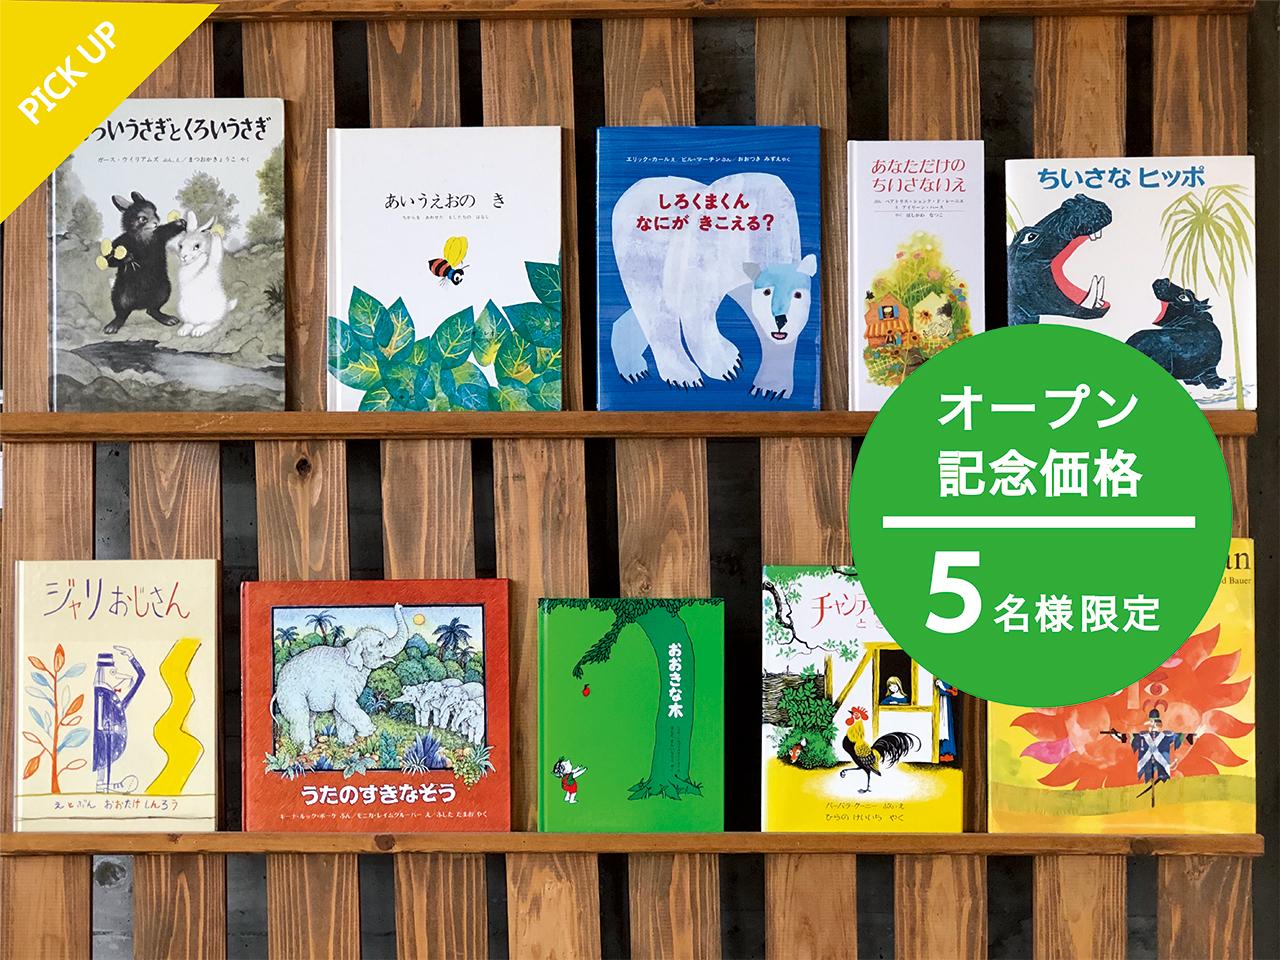 【オープン記念価格 / 5名様限定】絵本セレクト【10冊】